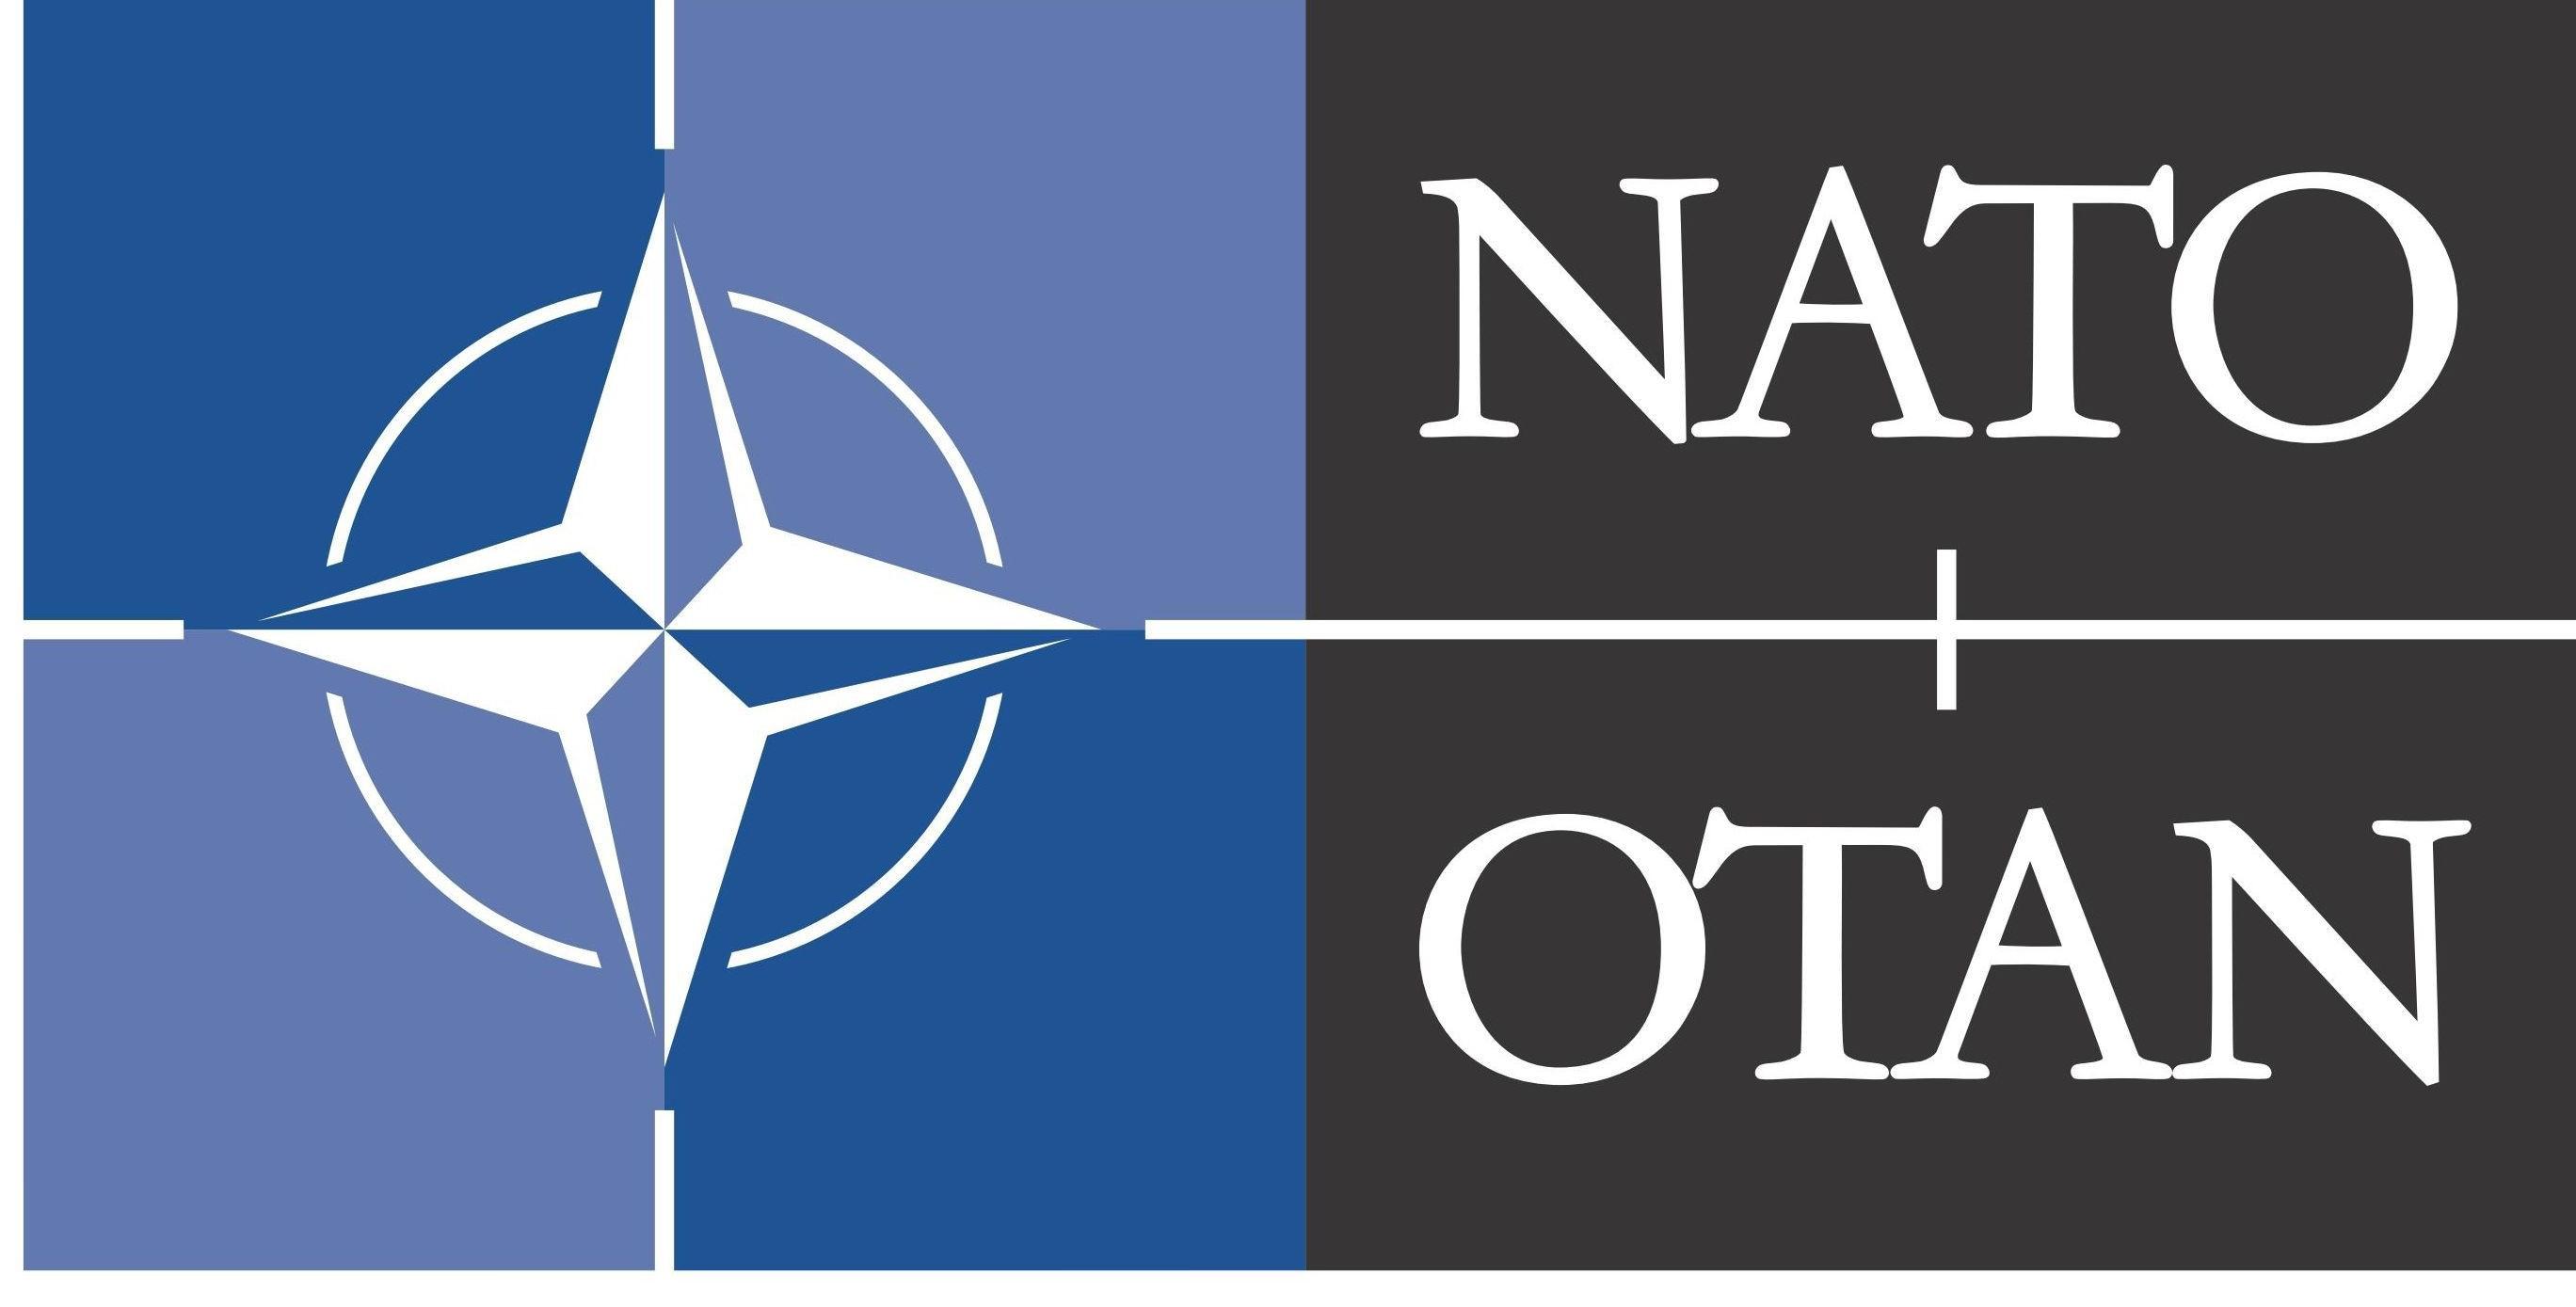 NATO: Ngushëllime familjes së koleges tonë, jemi tepër të prekur nga ngjarja